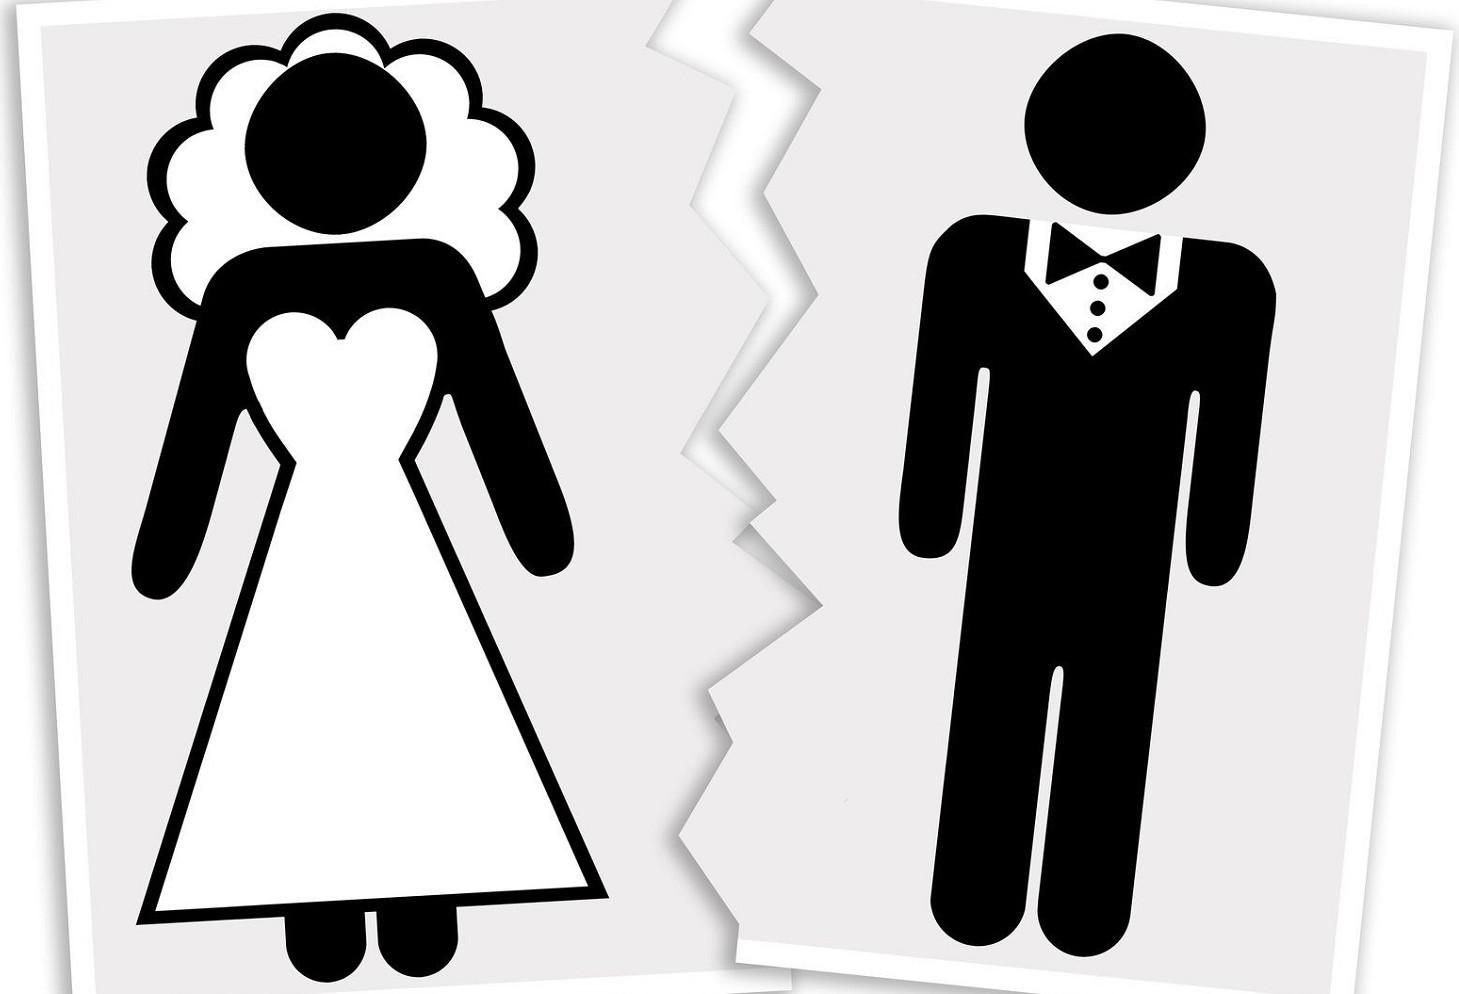 Assegno mantenimento divorzio 2020 quando si perde. I vari casi aggiornati